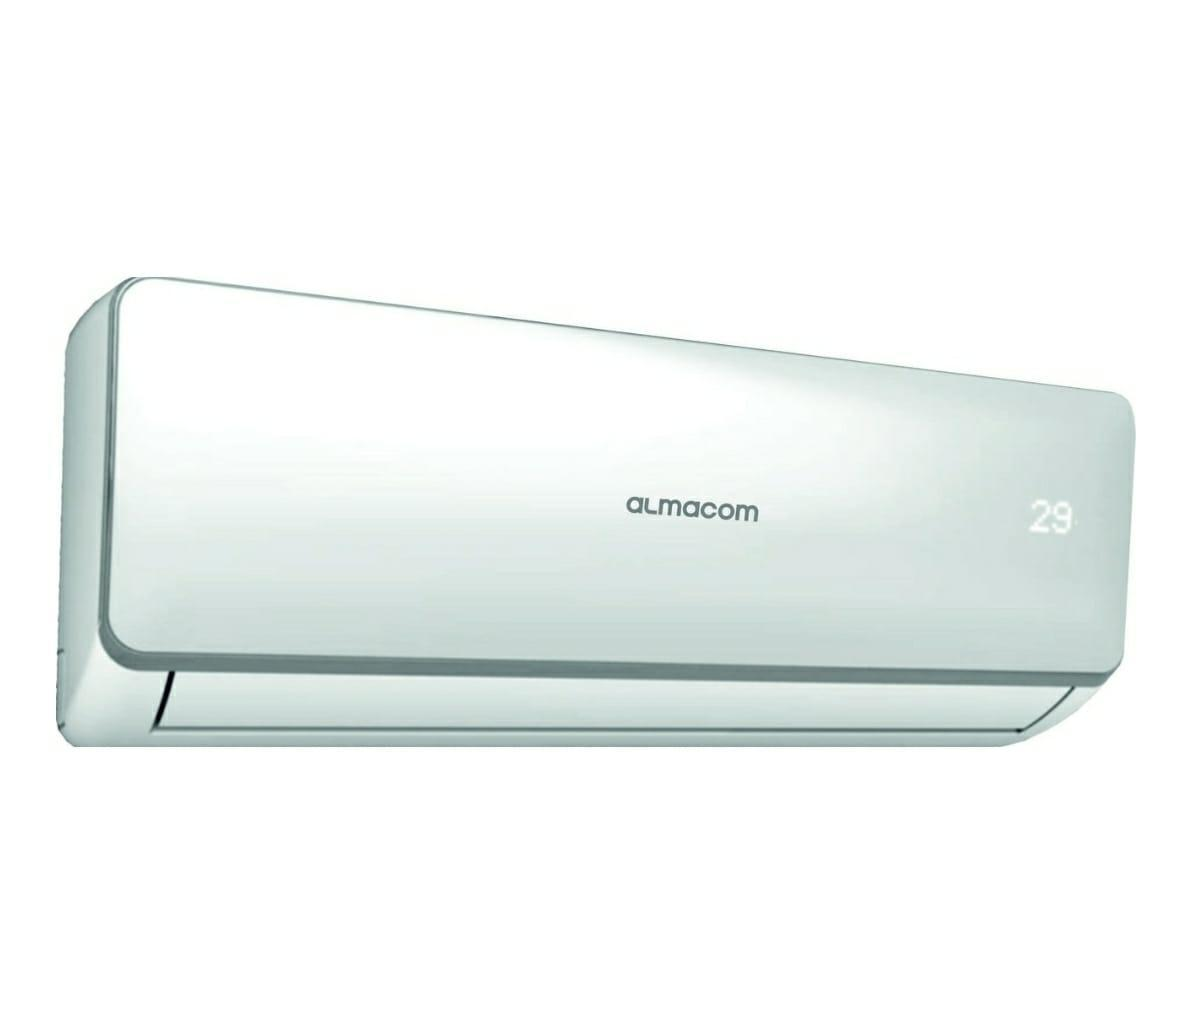 Настенный кондиционер Almacom ACH-18I, Inverter, 50-55 кв.м